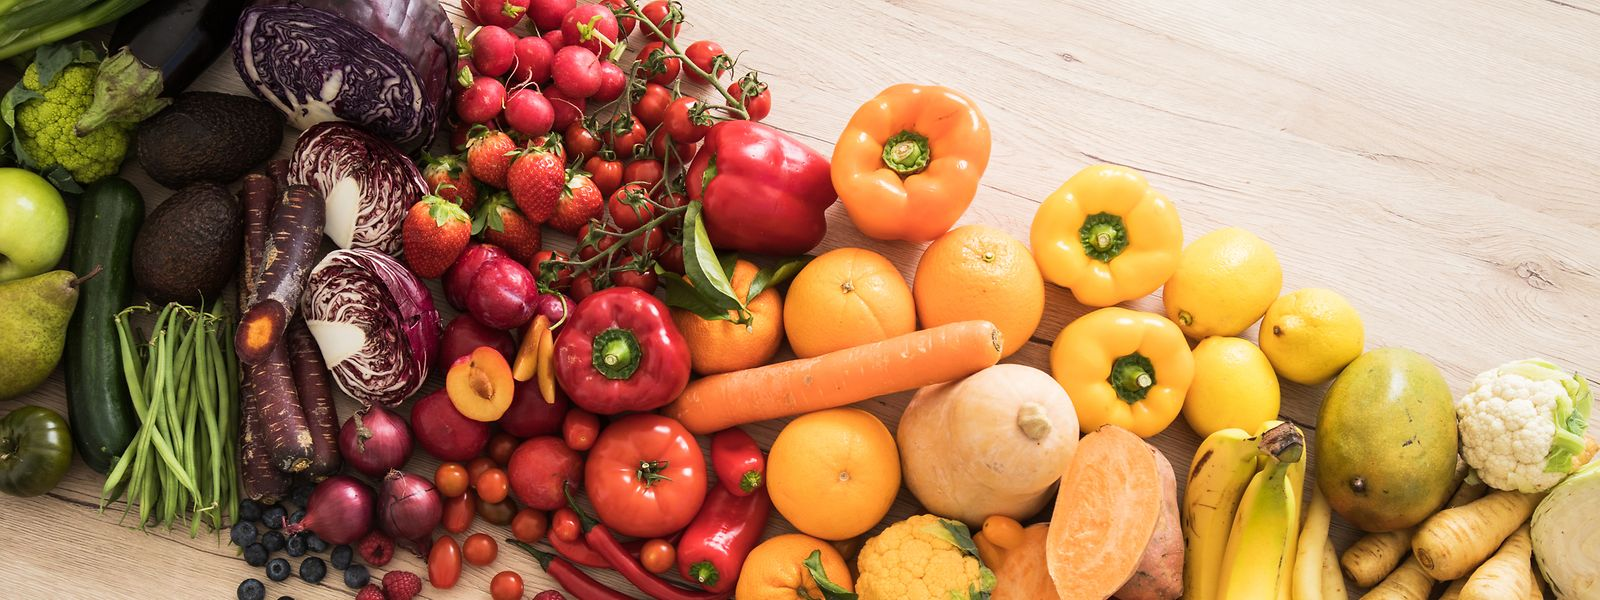 Obst und Gemüse haben einen basischen Effekt im Körper.